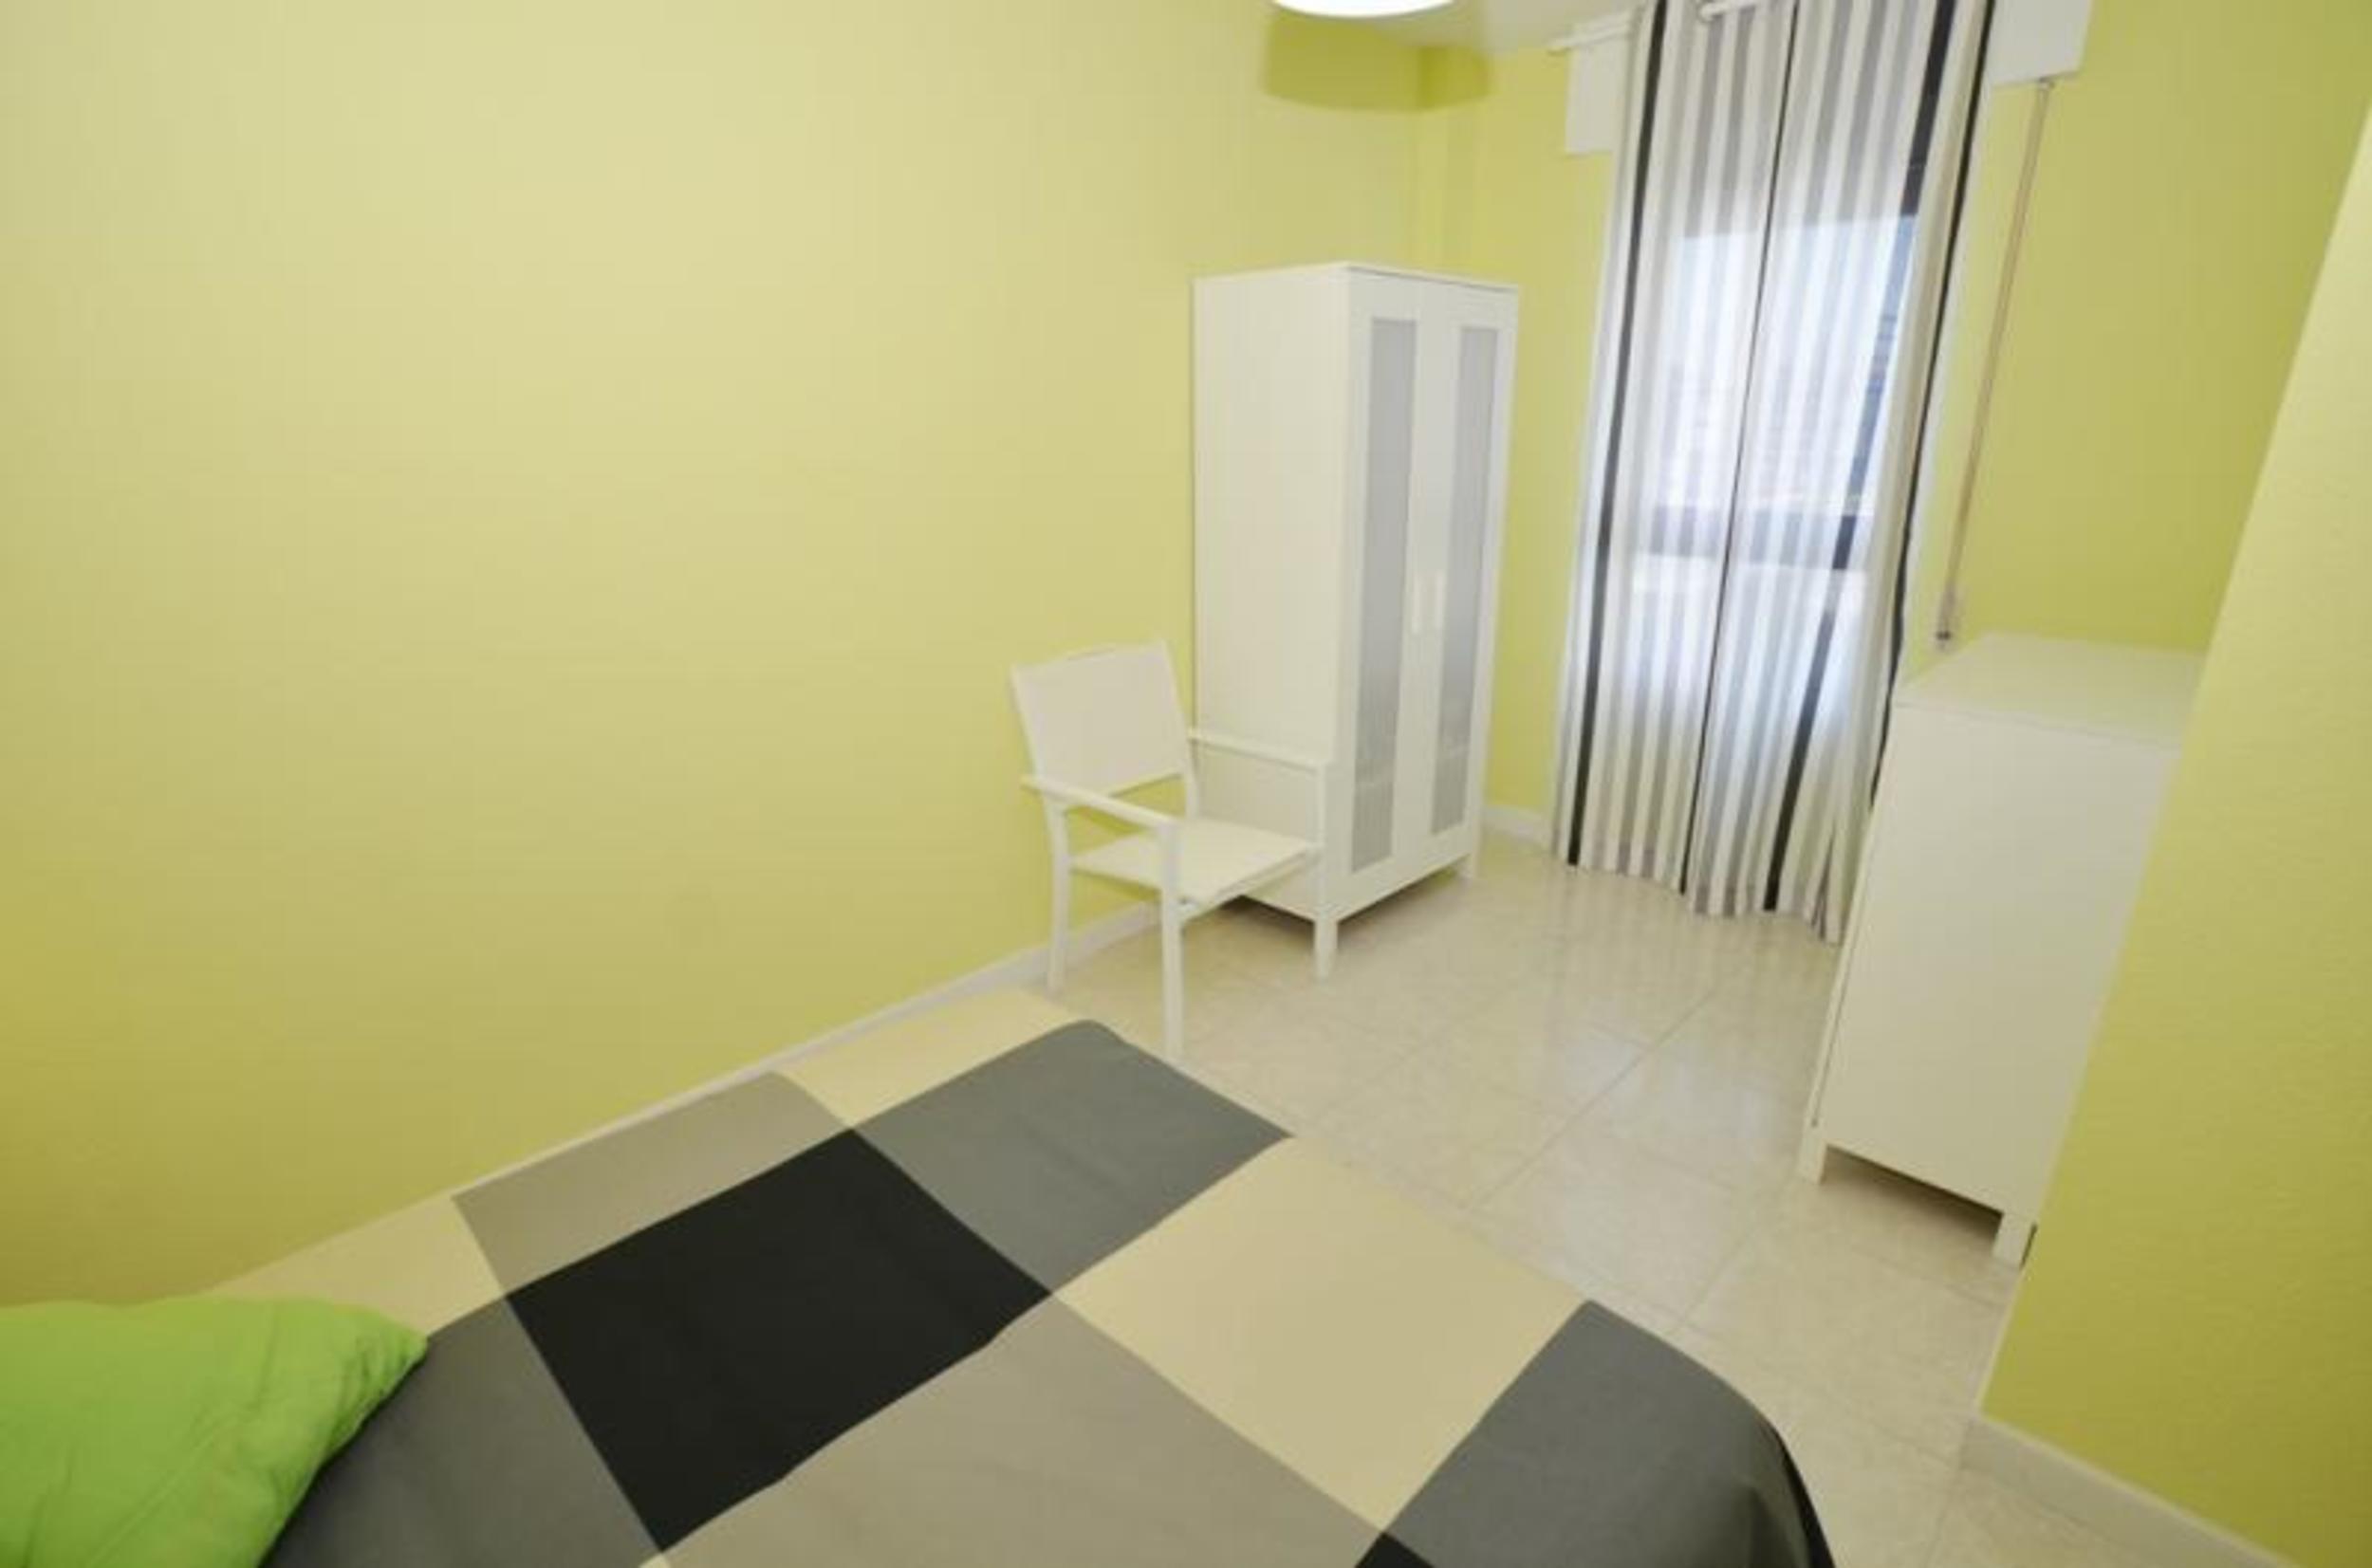 Ferienwohnung Apartment - 1 Bedroom with Pool - 103631 (1985143), Isla, Costa de Cantabria, Kantabrien, Spanien, Bild 3